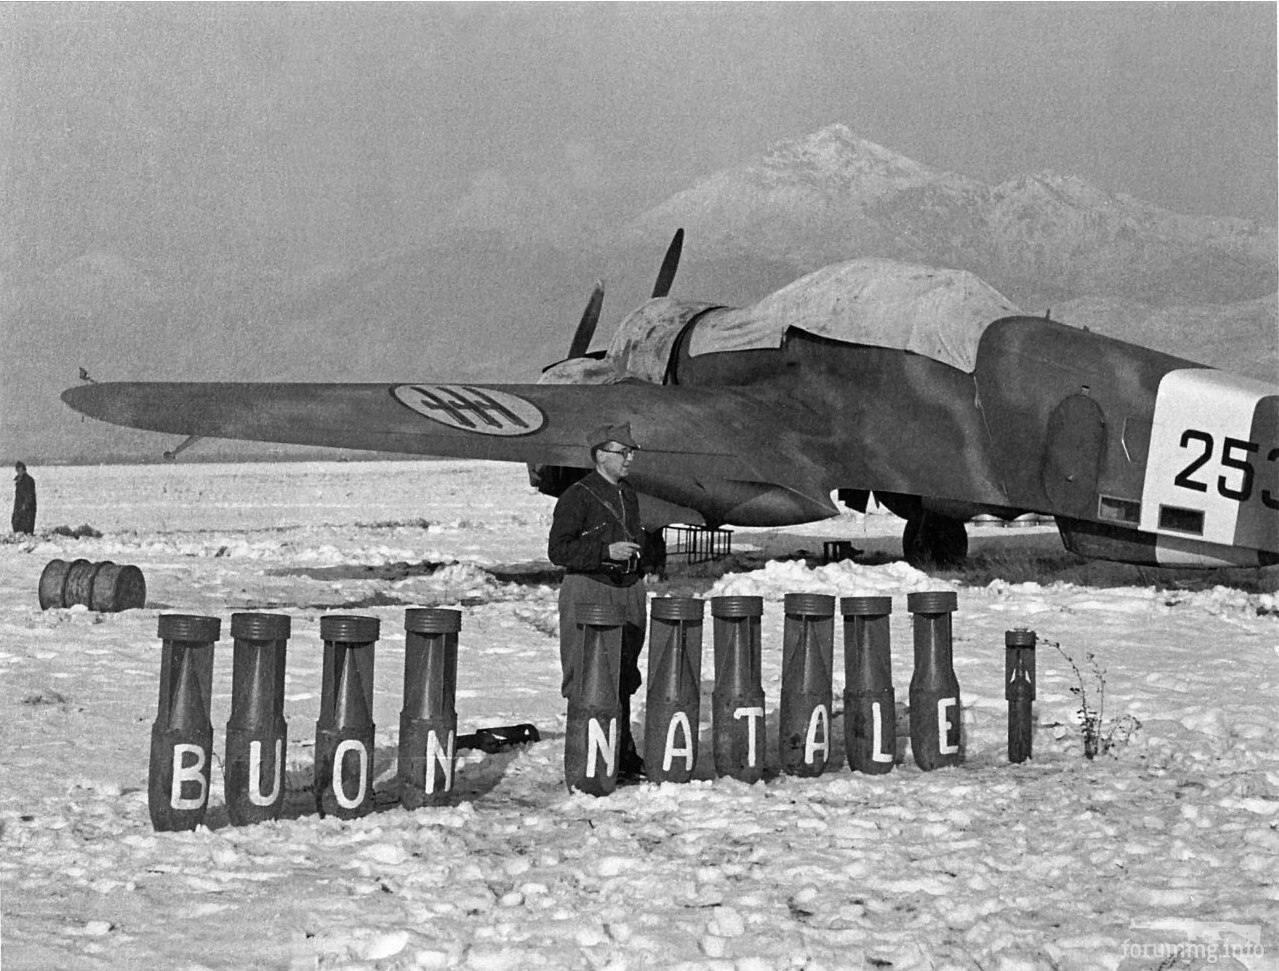 118017 - Военное фото 1939-1945 г.г. Западный фронт и Африка.